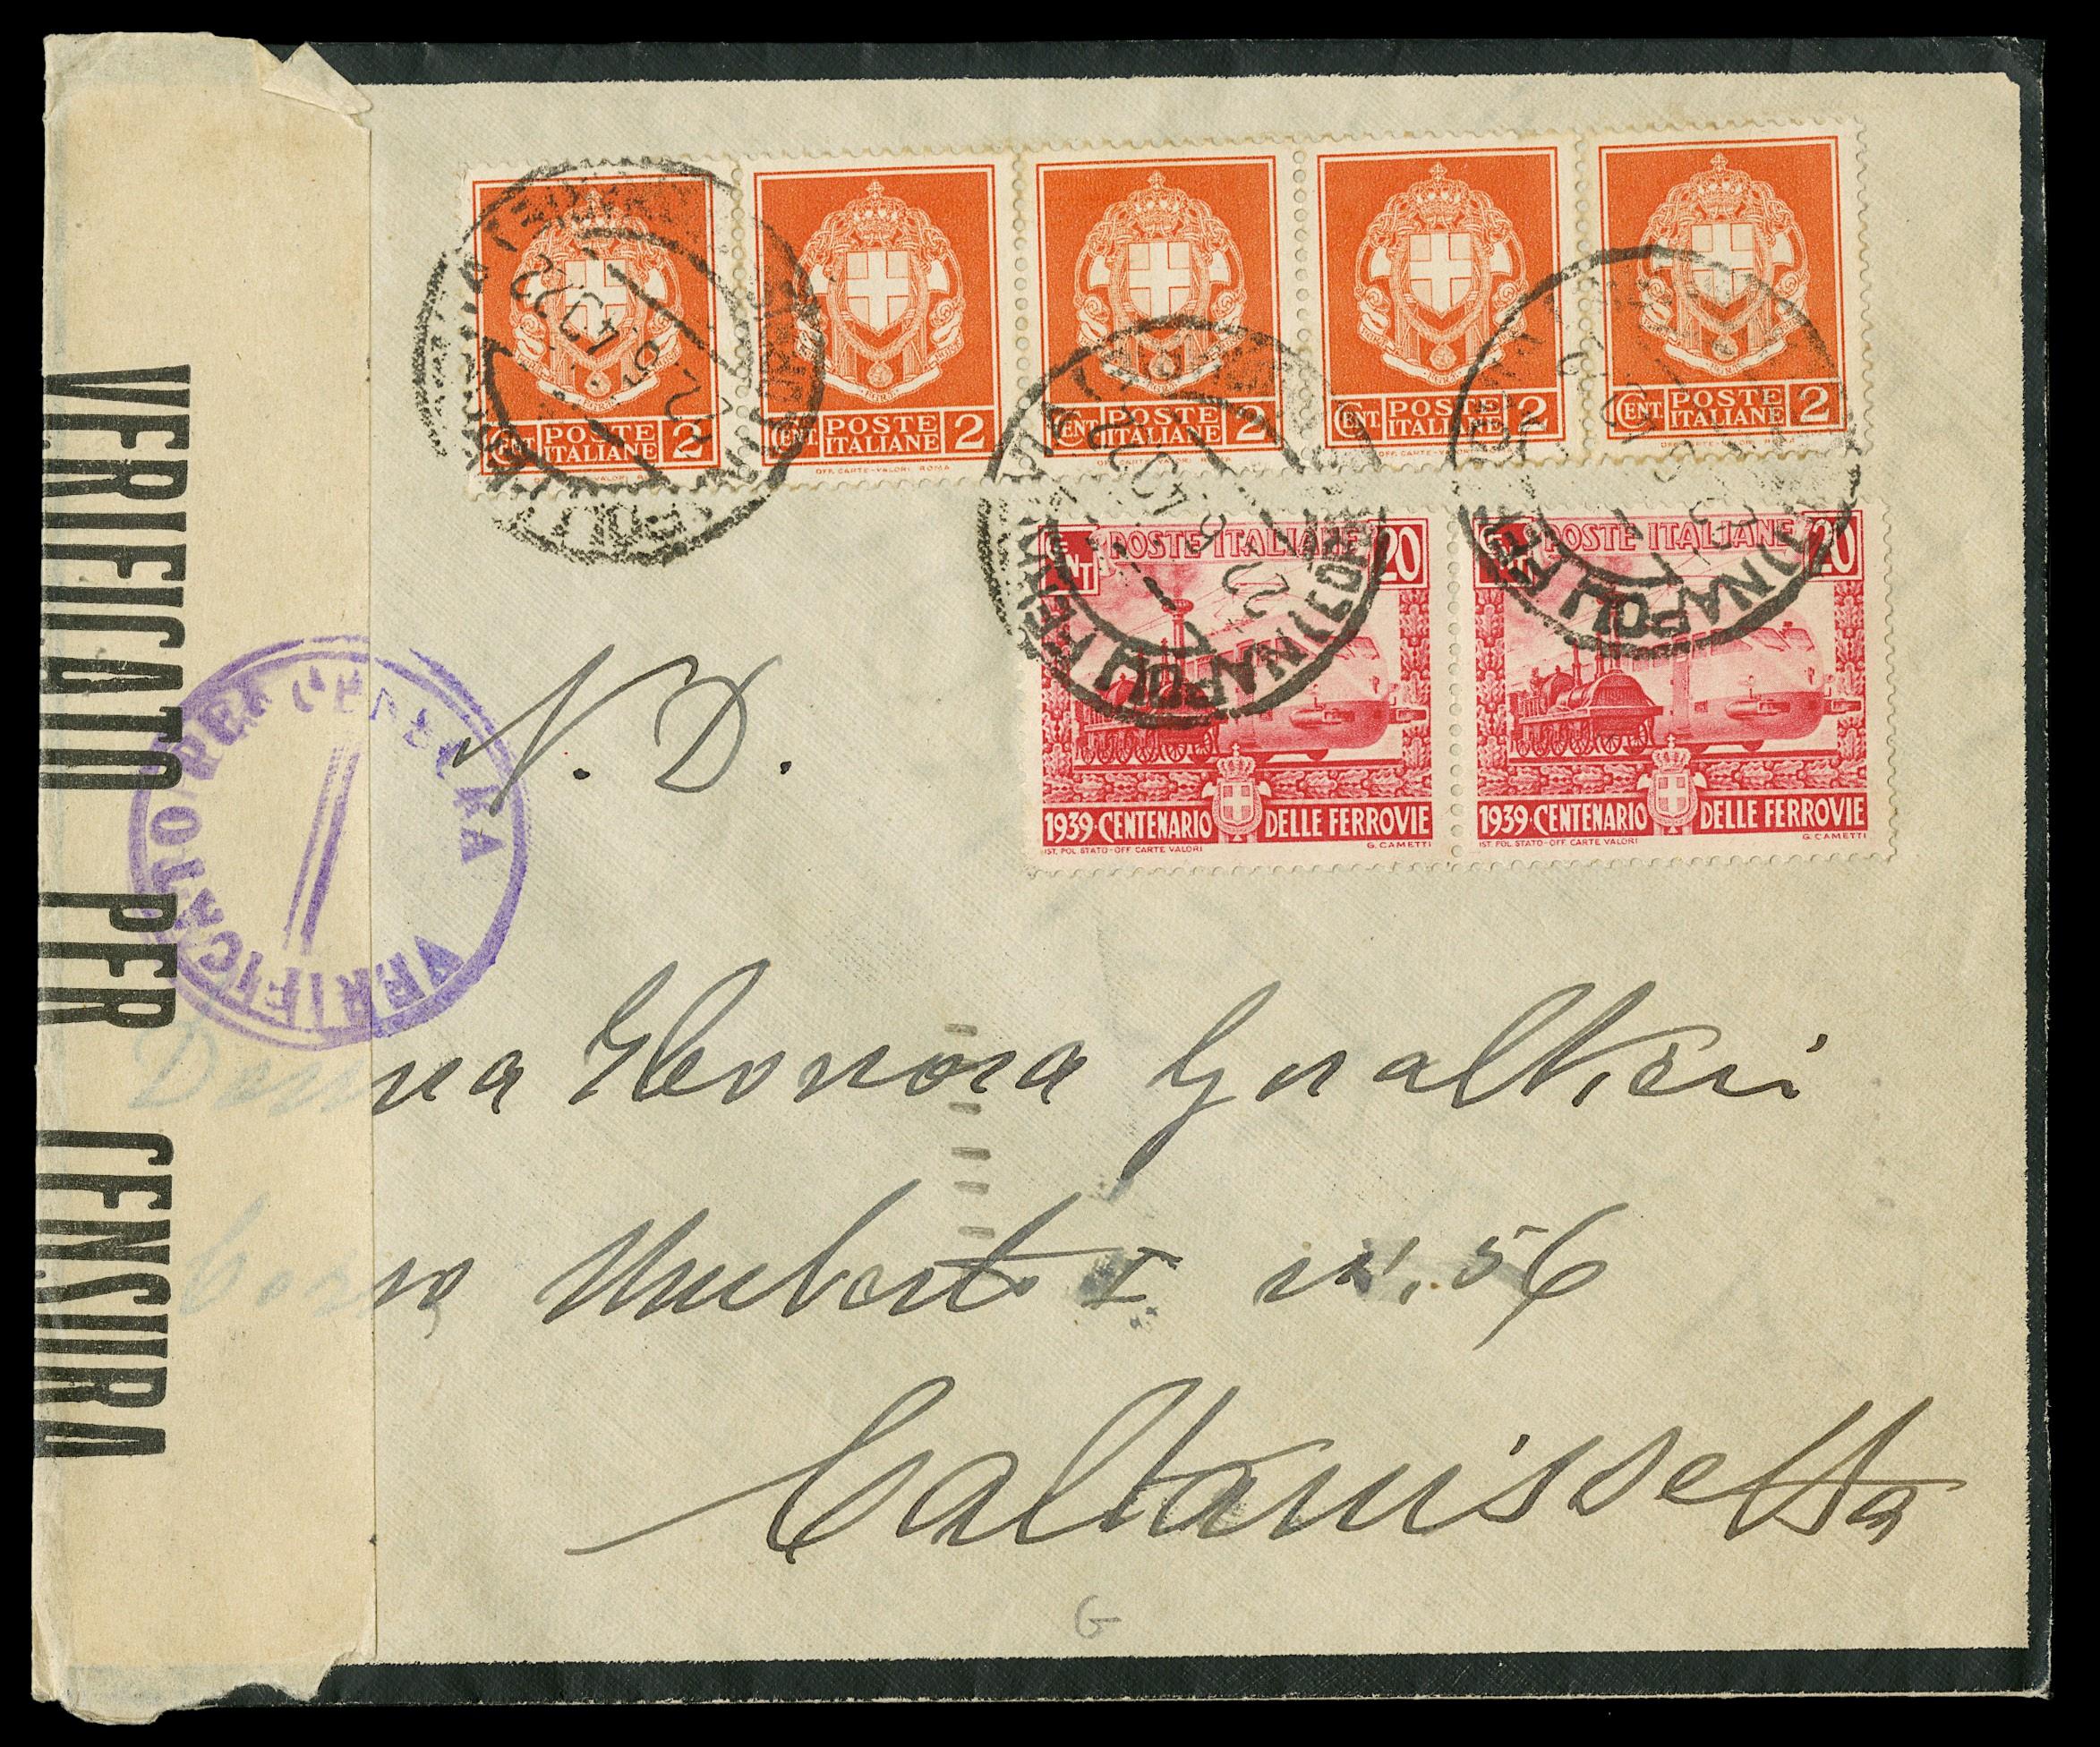 Lot 4055 - ITALIA - AREA ITALIANA lotti e collezioni -  Zanaria Aste s.r.l. 9th Philatelic Auction